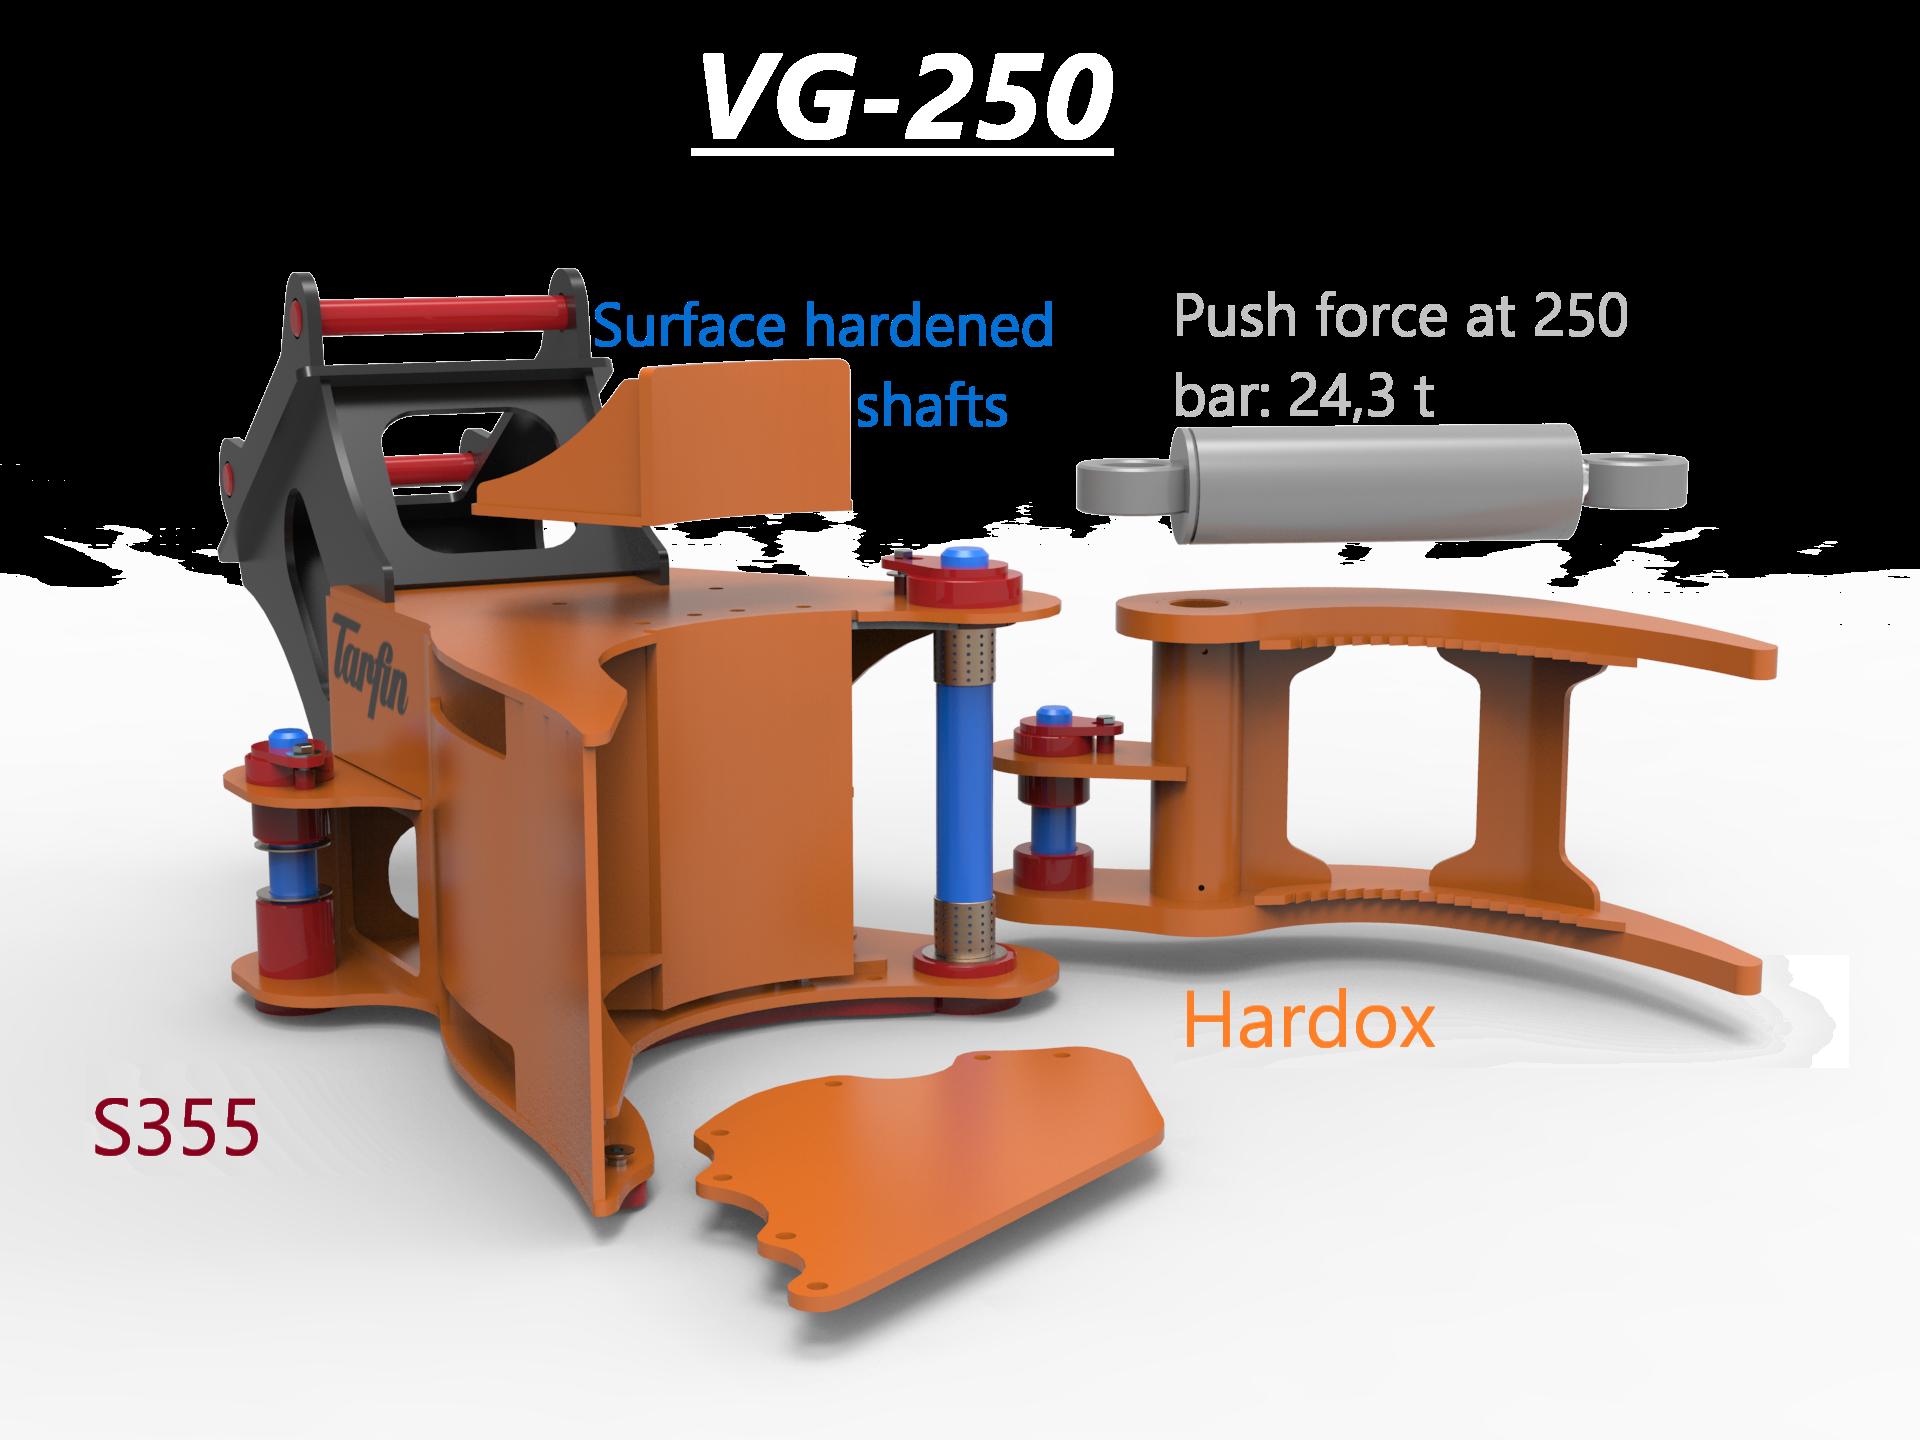 VG-250materjal inglise